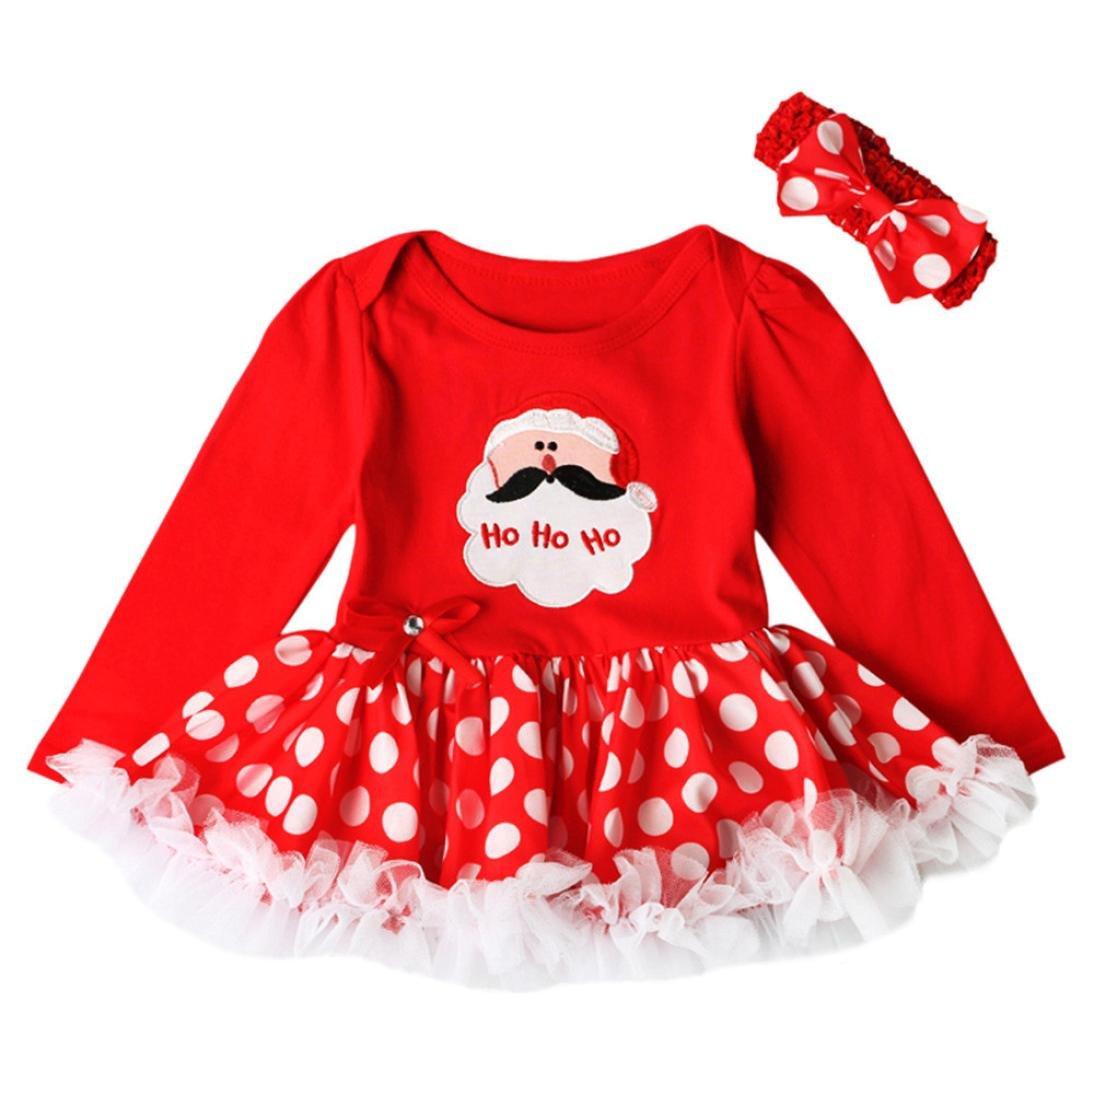 Cute Baby Infant meine erste Weihnachtsanzug Outfit Neugeborenen 1-3 Jahre